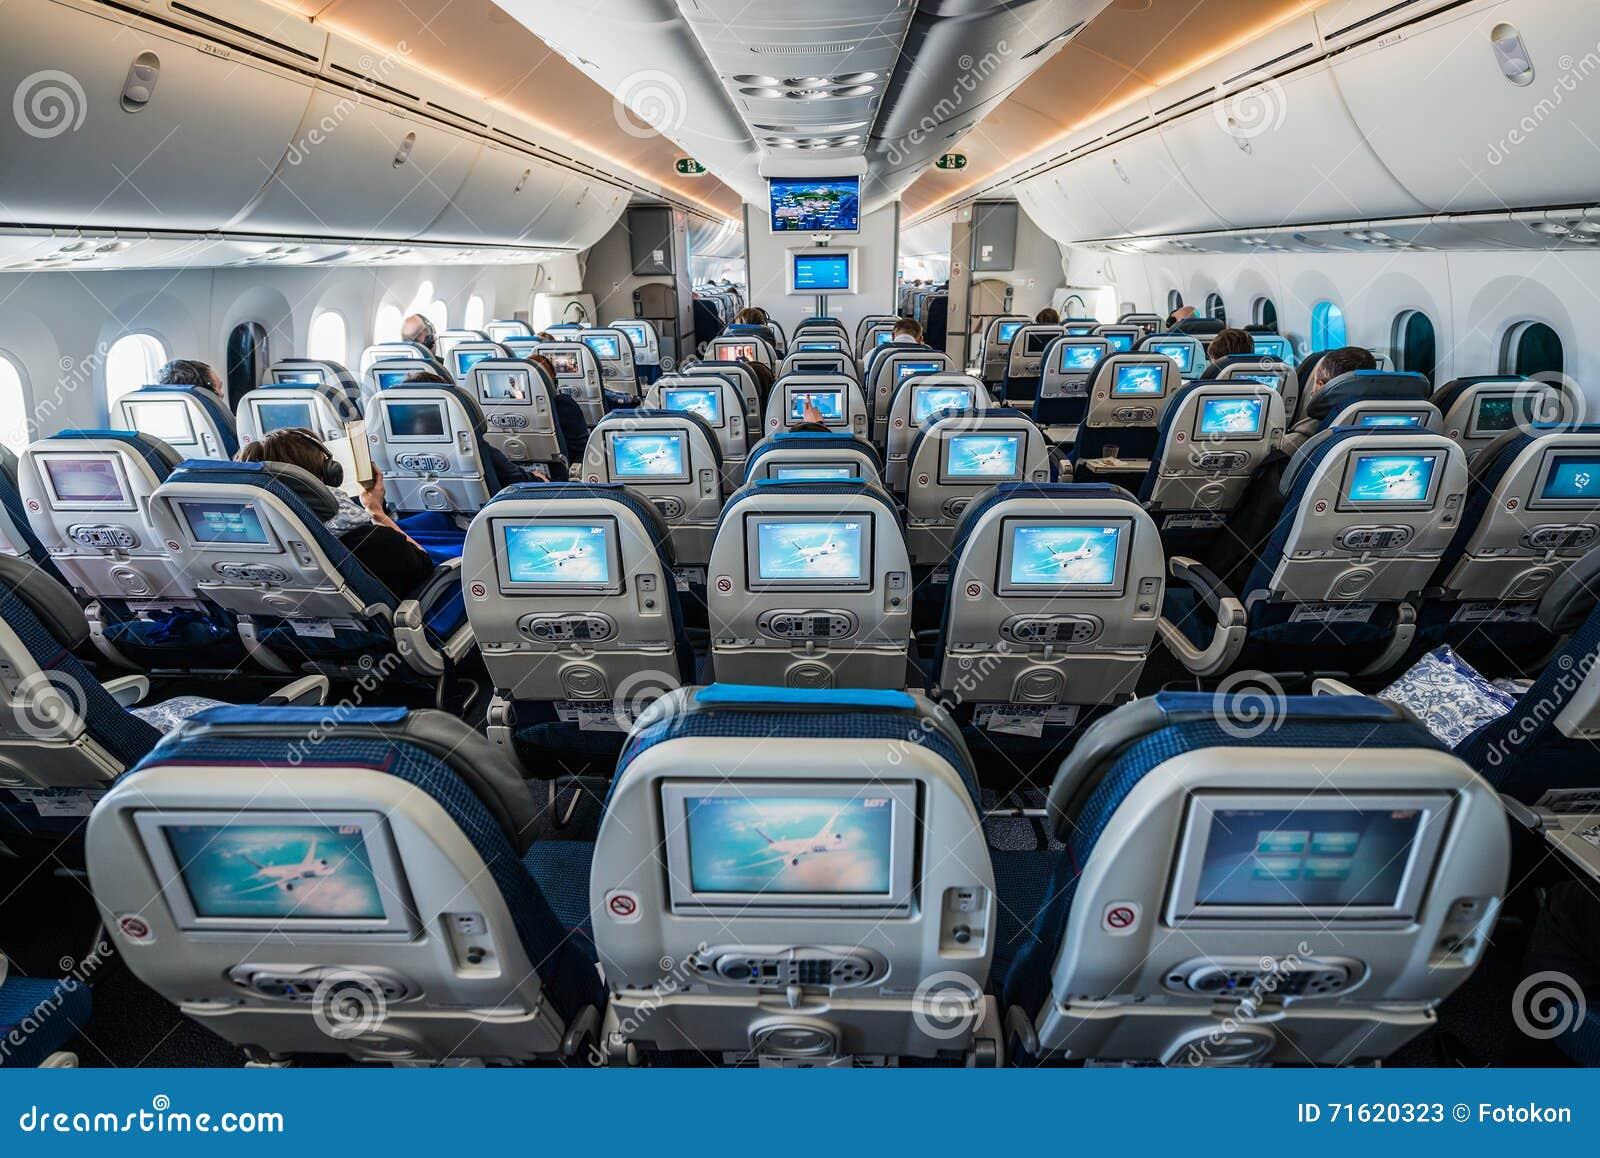 Boeing 787 Dreamliner redaktionelles stockfoto. Bild von sitz - 71620323